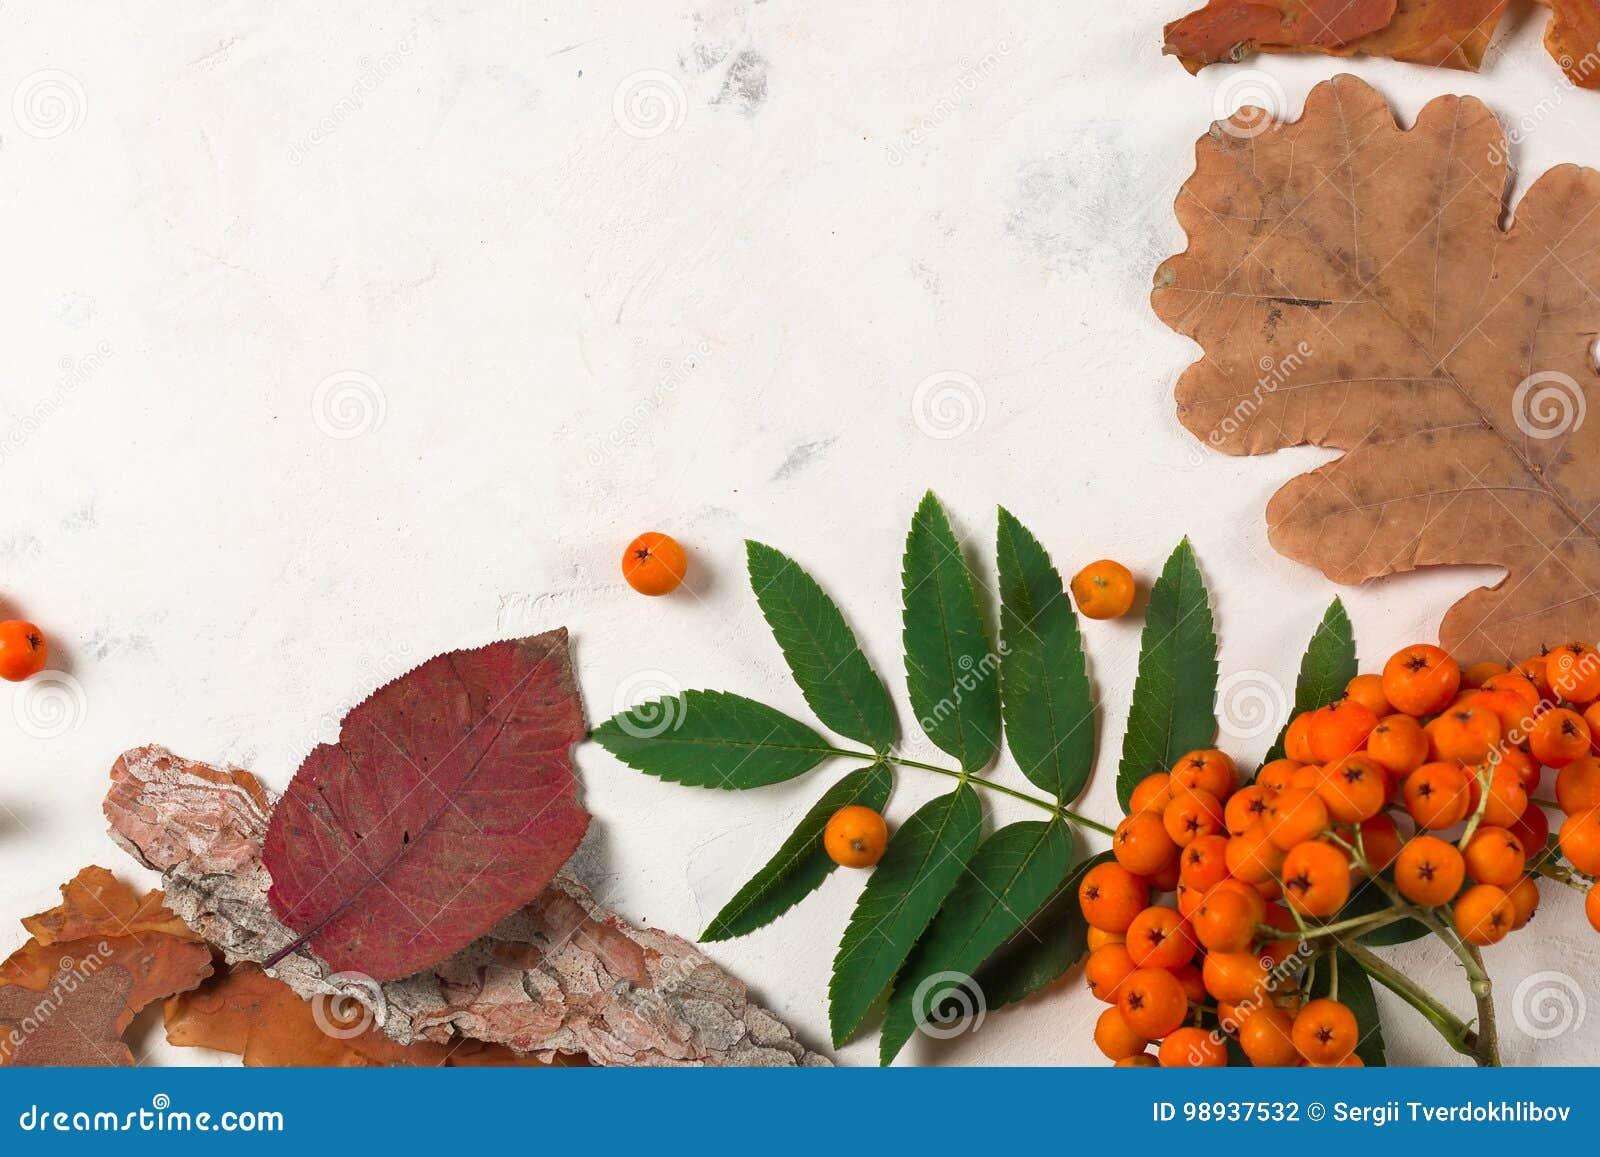 Μια δέσμη της ώριμης πορτοκαλιάς τέφρας βουνών με τα πράσινα φύλλα ξηρά φύλλα φθινοπώρου Μαύρα μούρα Άσπρο πέτρα ή ασβεστοκονίαμα